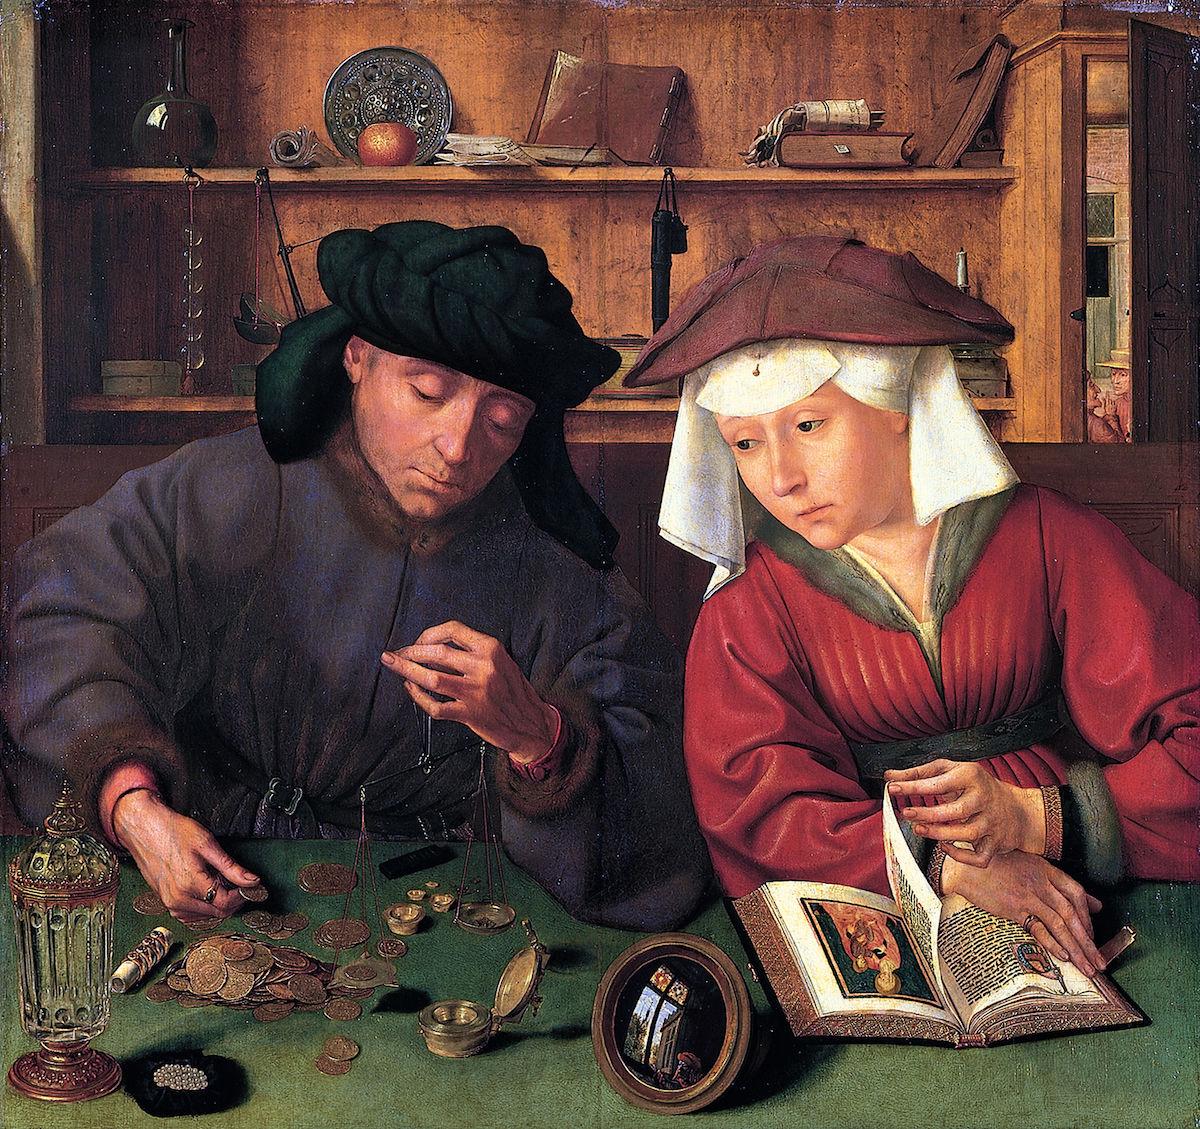 Quentin Matsys, El canvista i la seva dona. Font: Wikimedia Commons